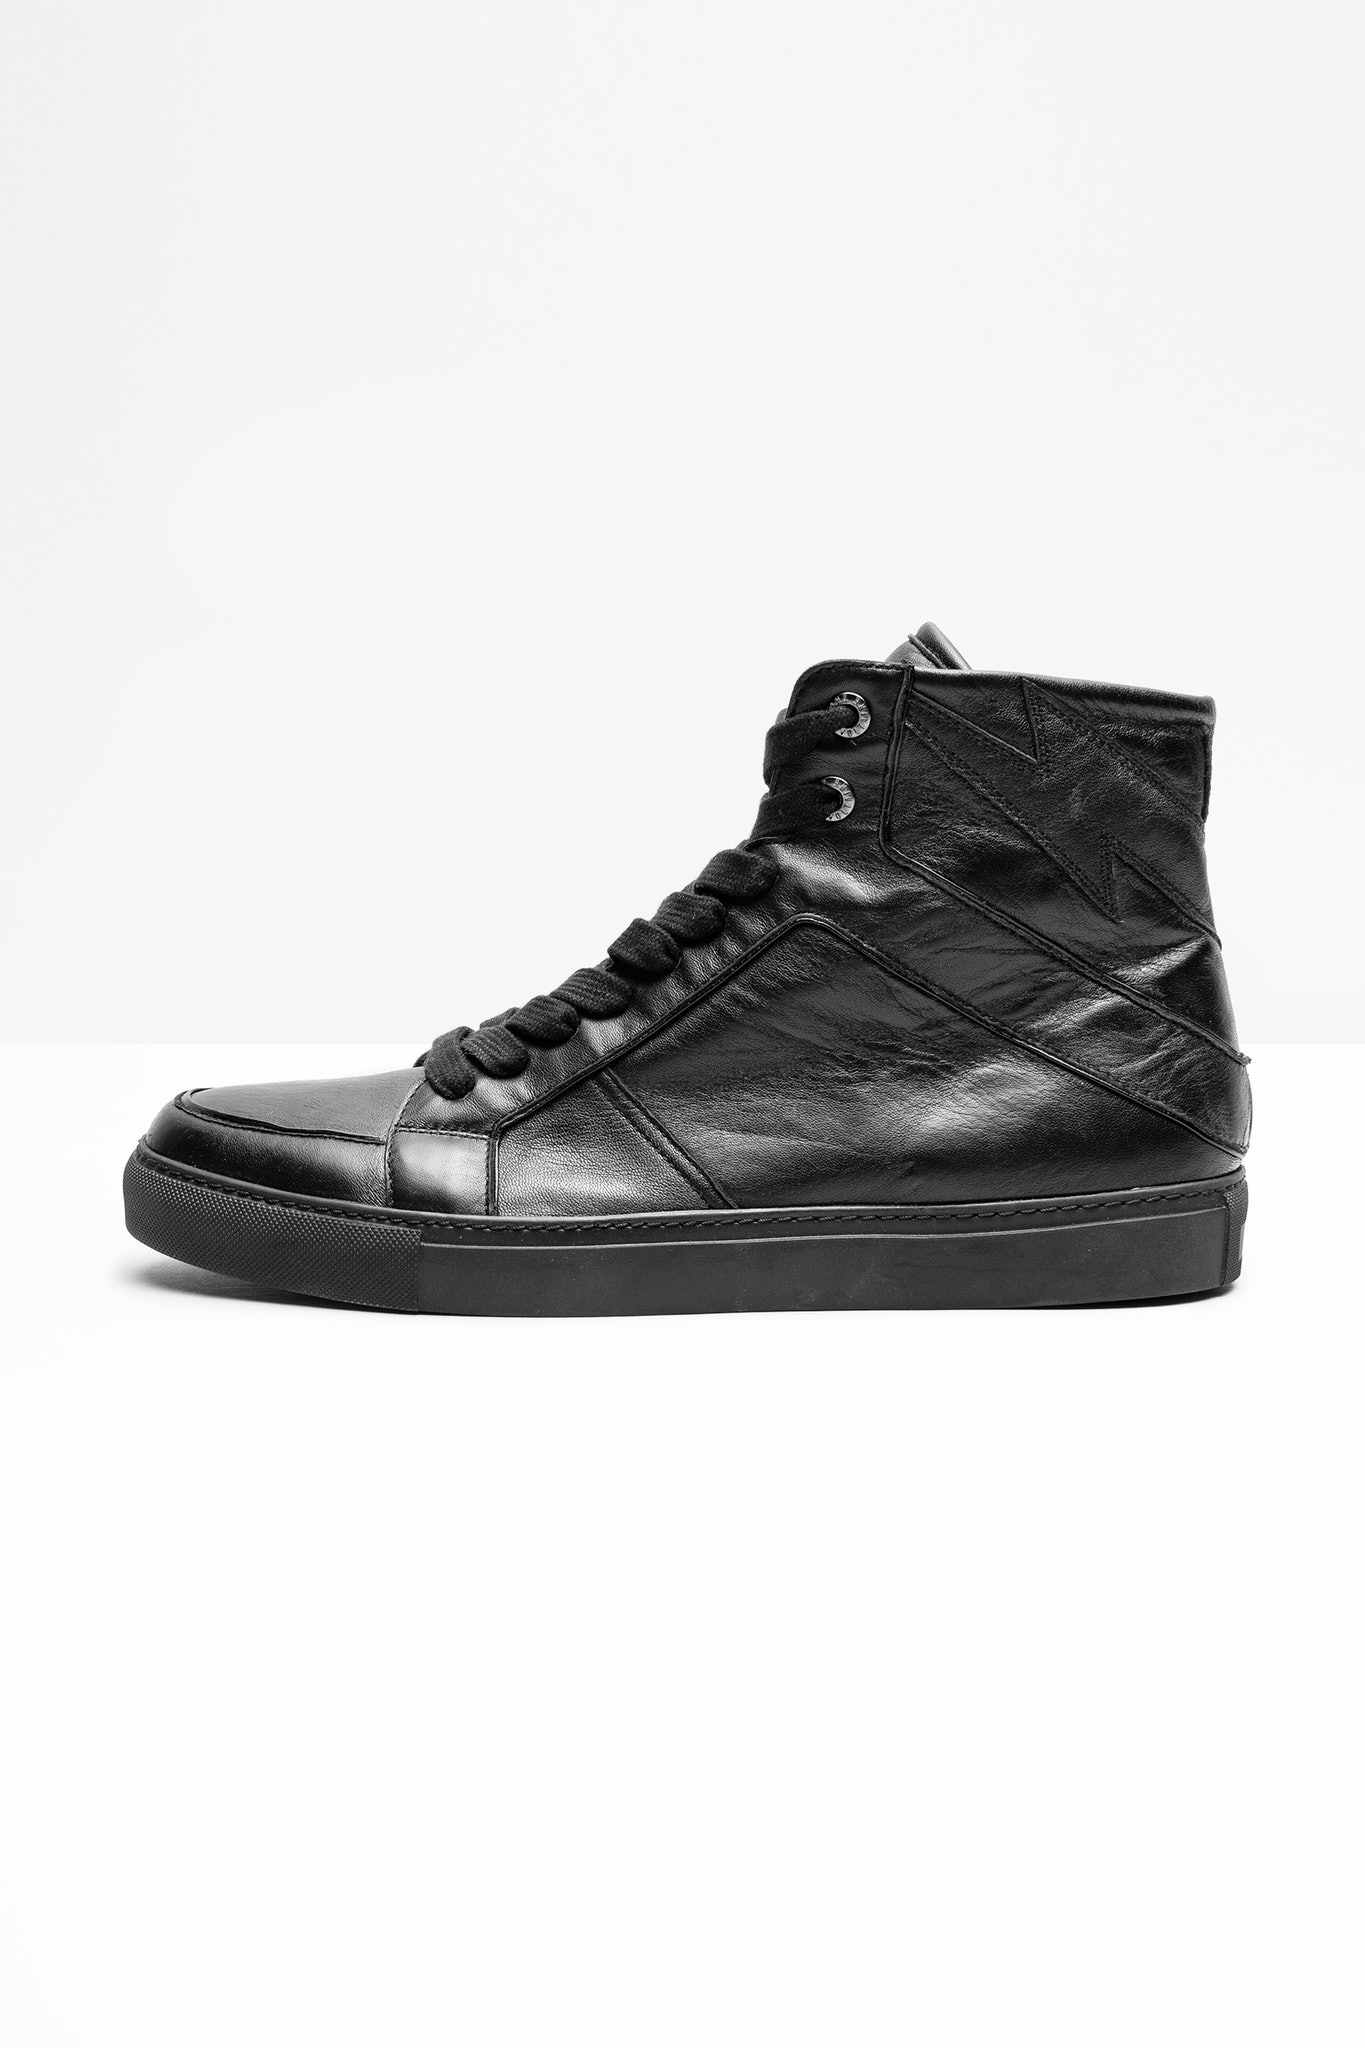 Sneakers Zv1747 High Flash Men